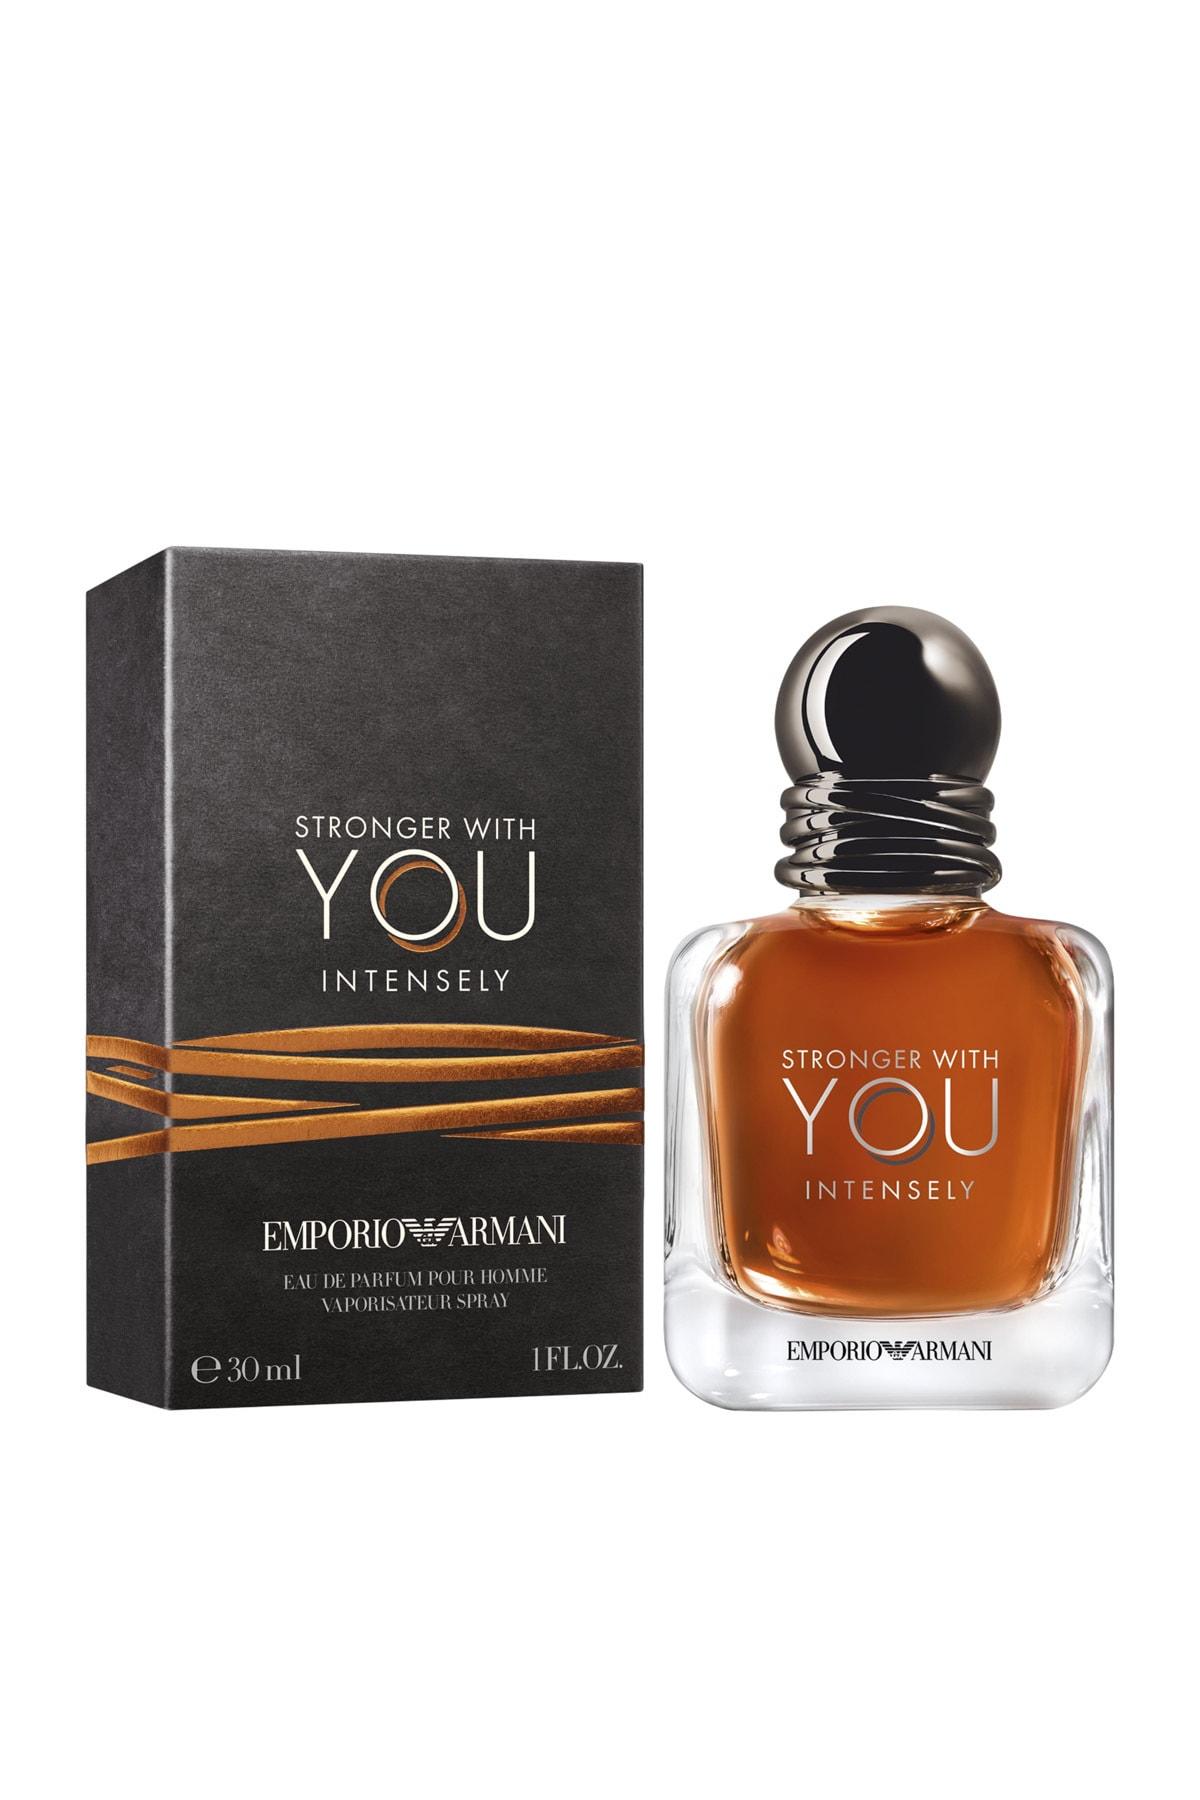 Emporio Armani Stronger With You Intensely Erkek Eau De Parfum 30 ml 3614272225695 2